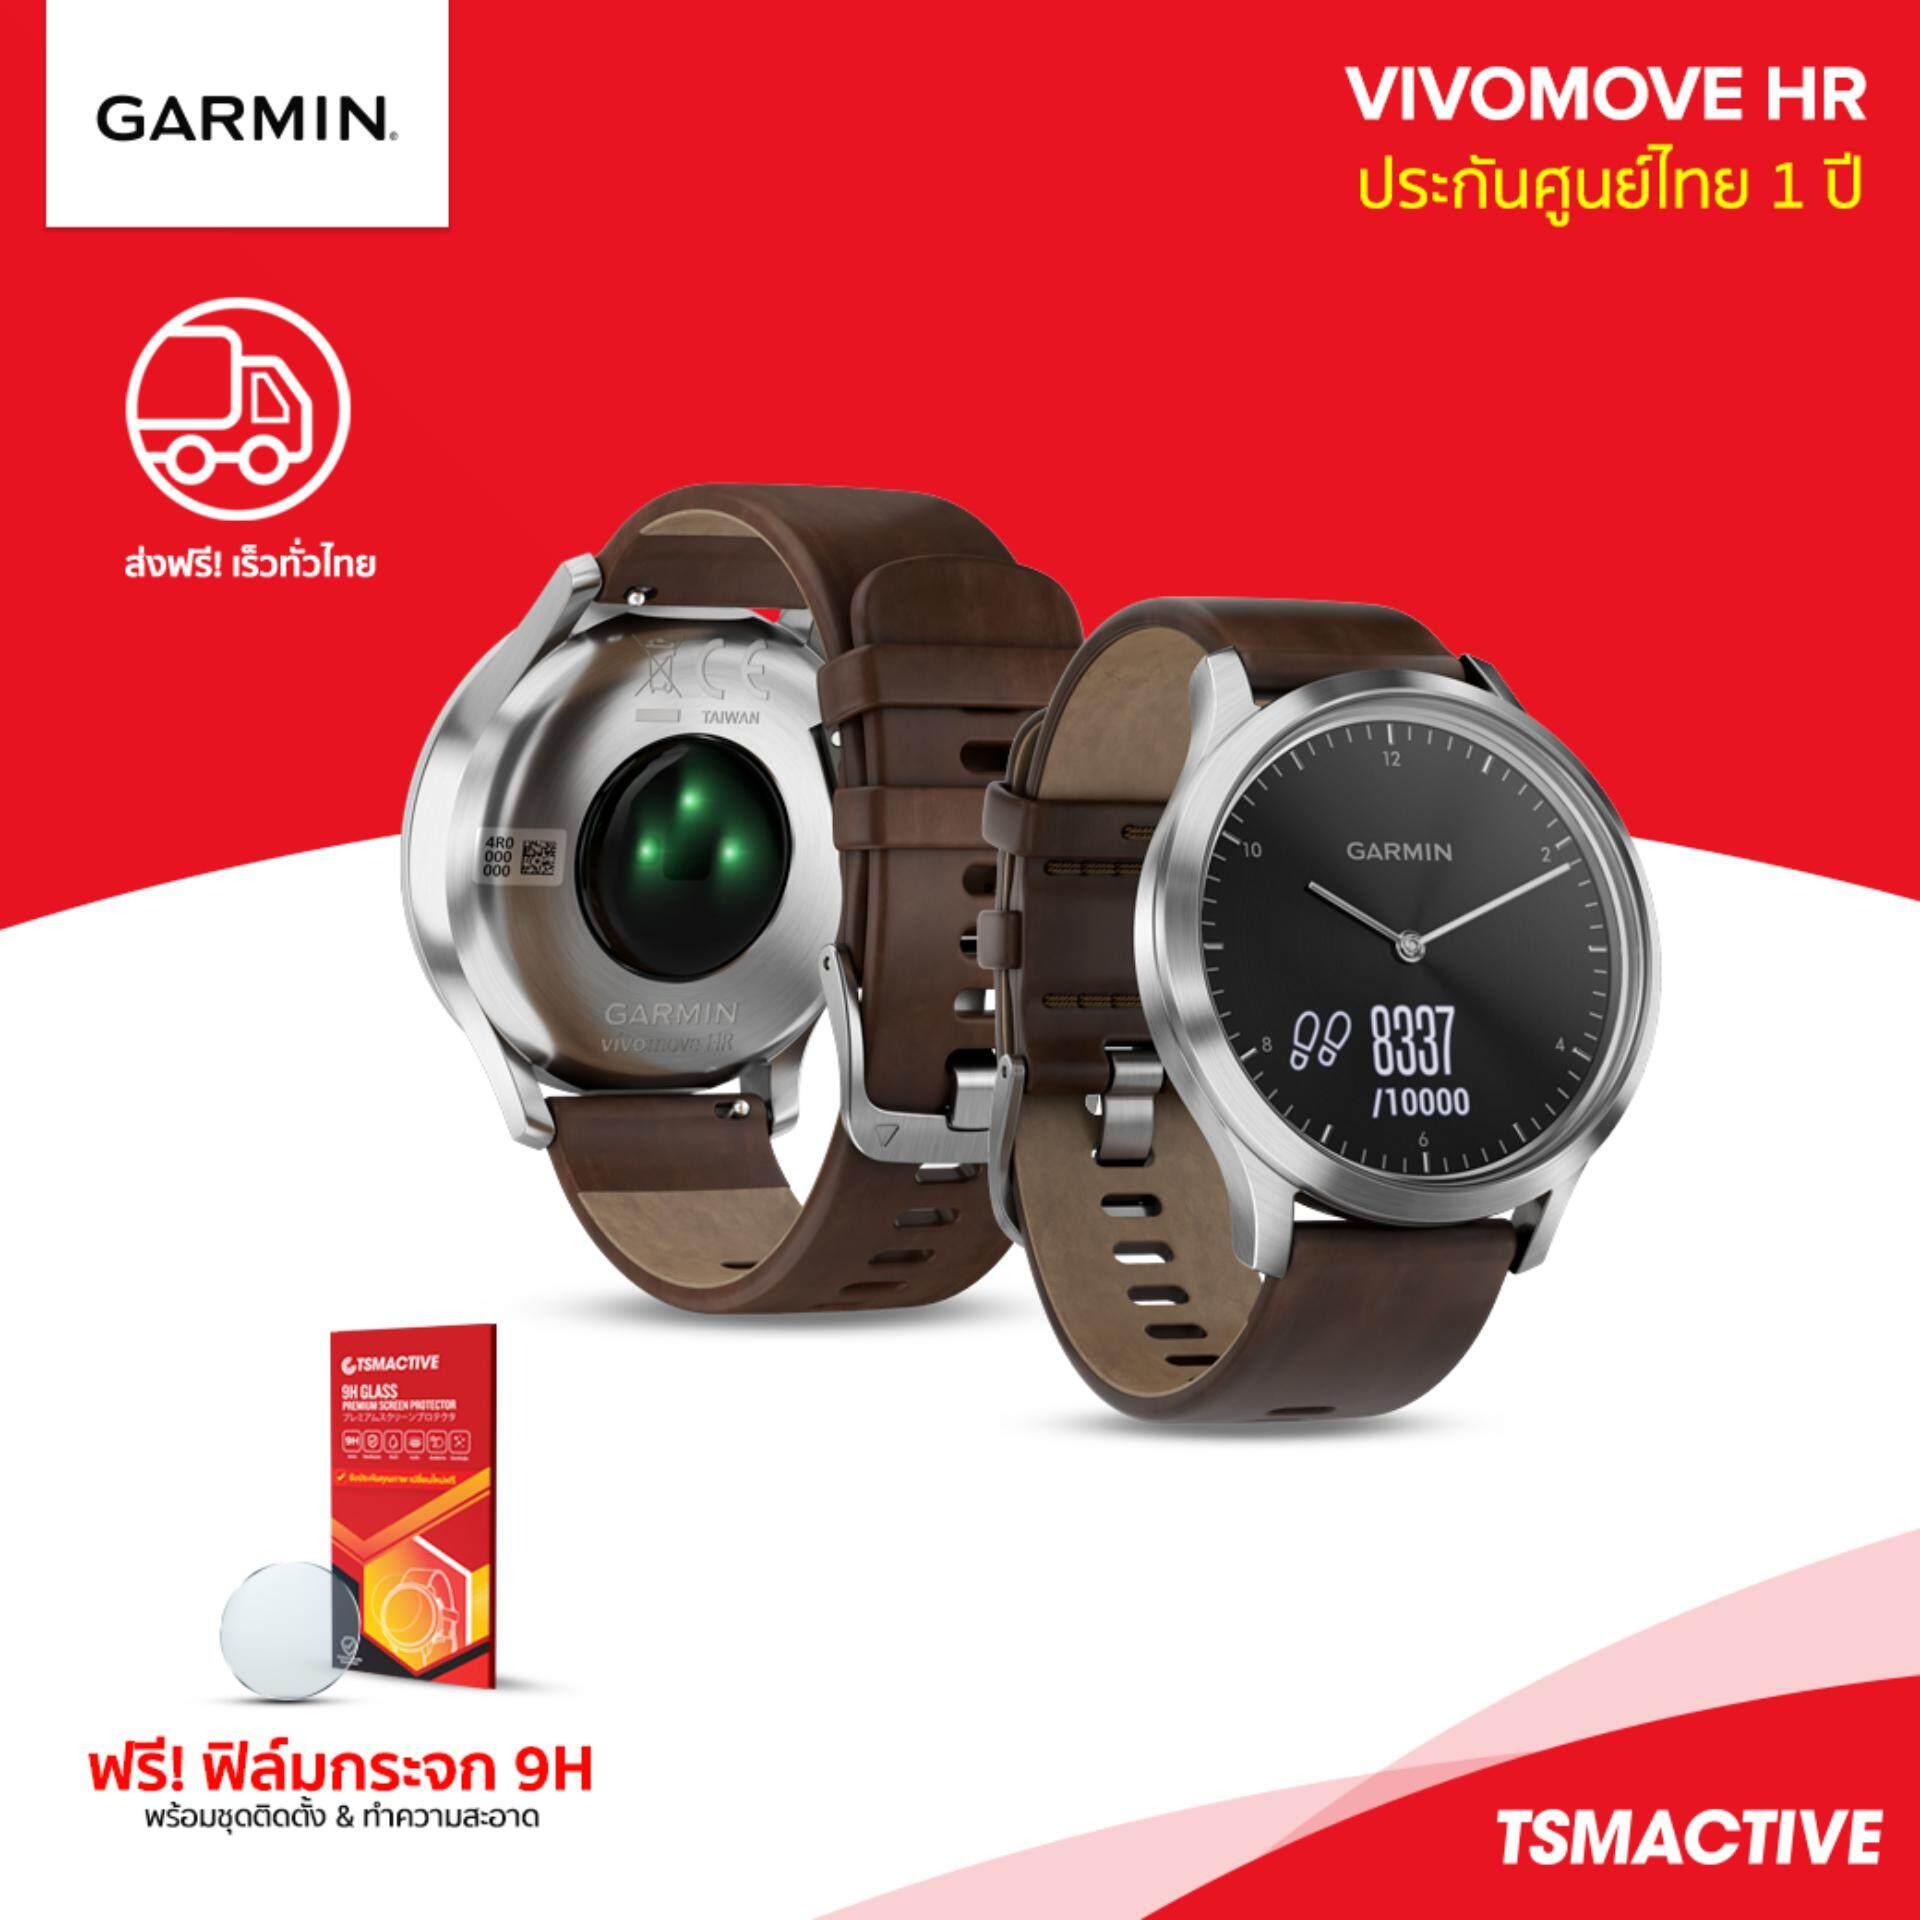 ยี่ห้อนี้ดีไหม  ขอนแก่น Garmin Vivomove HR (Premium - Black/Silver : Large) นาฬิกาอัจฉริยะระบบไฮบริด วัดชีพจร 24 ชั่วโมง